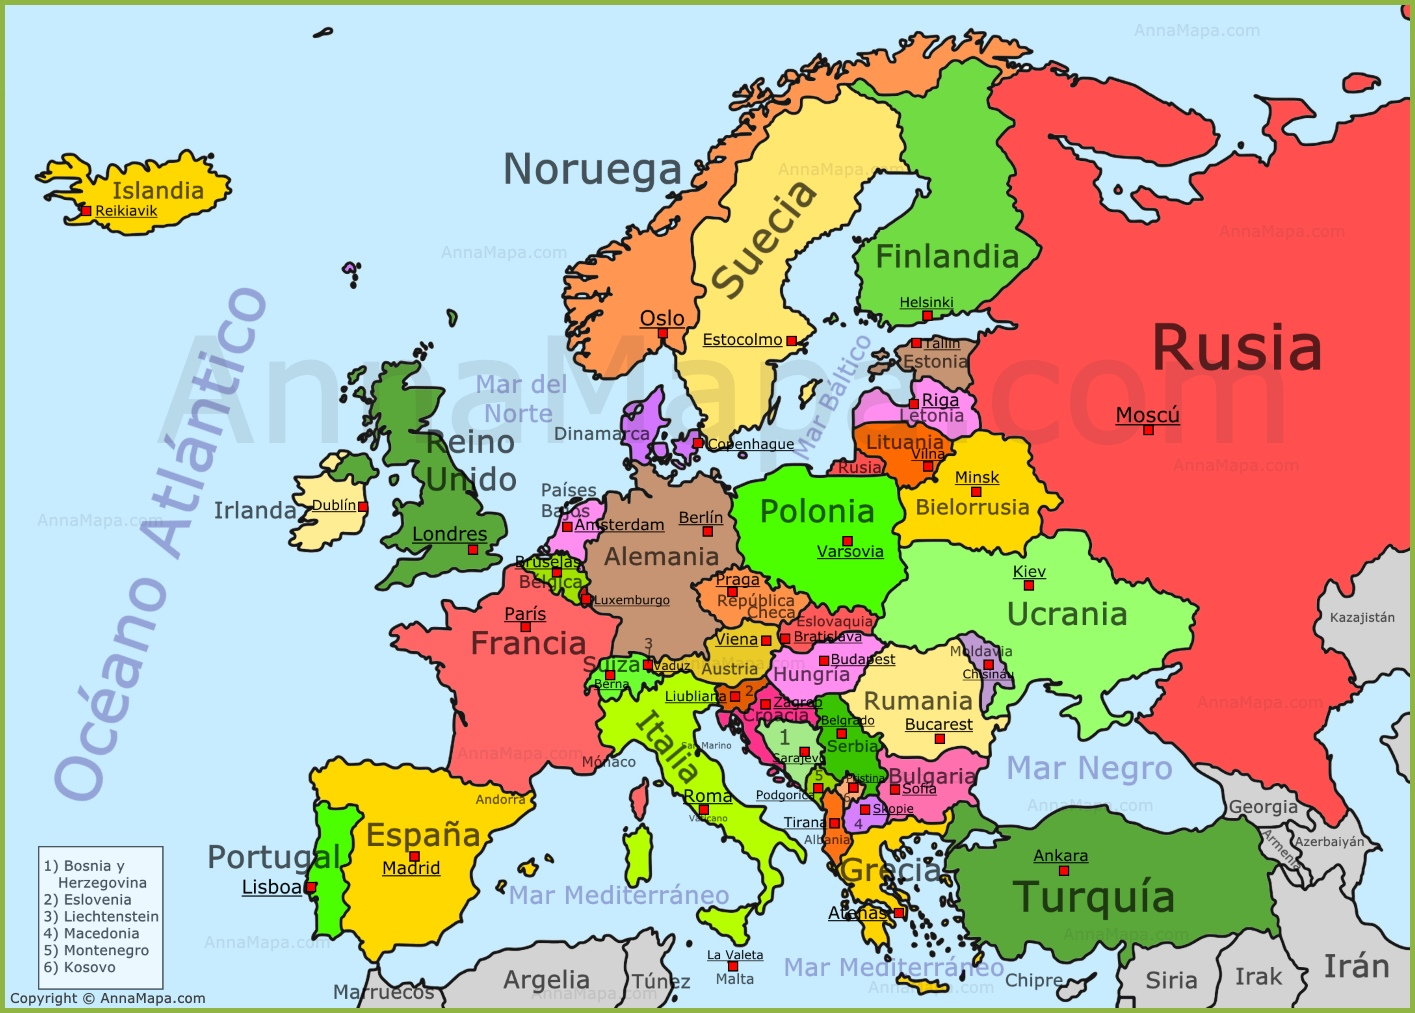 mapa politico europa Mapa de Europa | Mapa Politico de Europa | Países de Europa  mapa politico europa